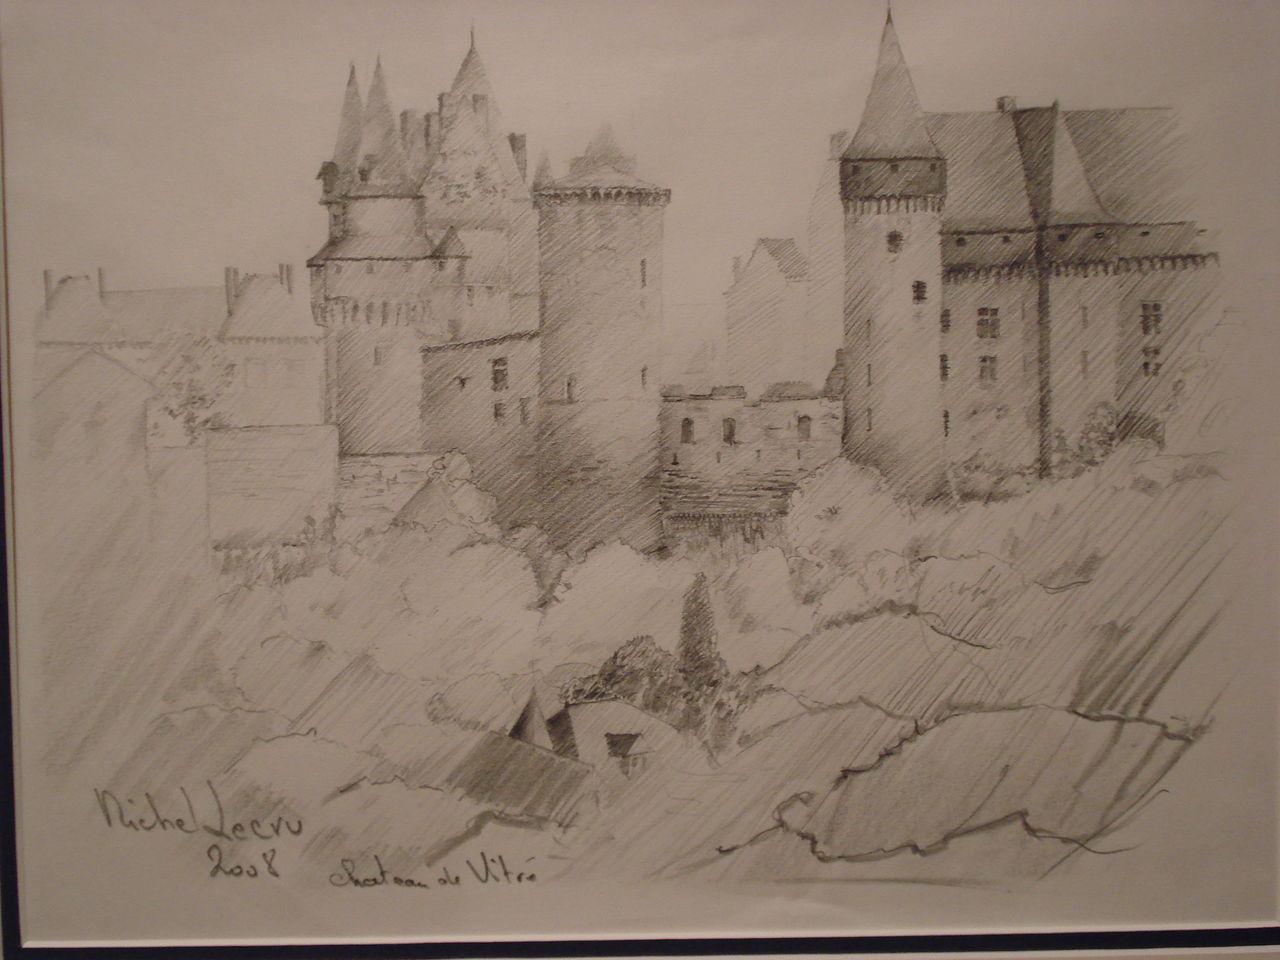 michel lecru Chateau de Vitré